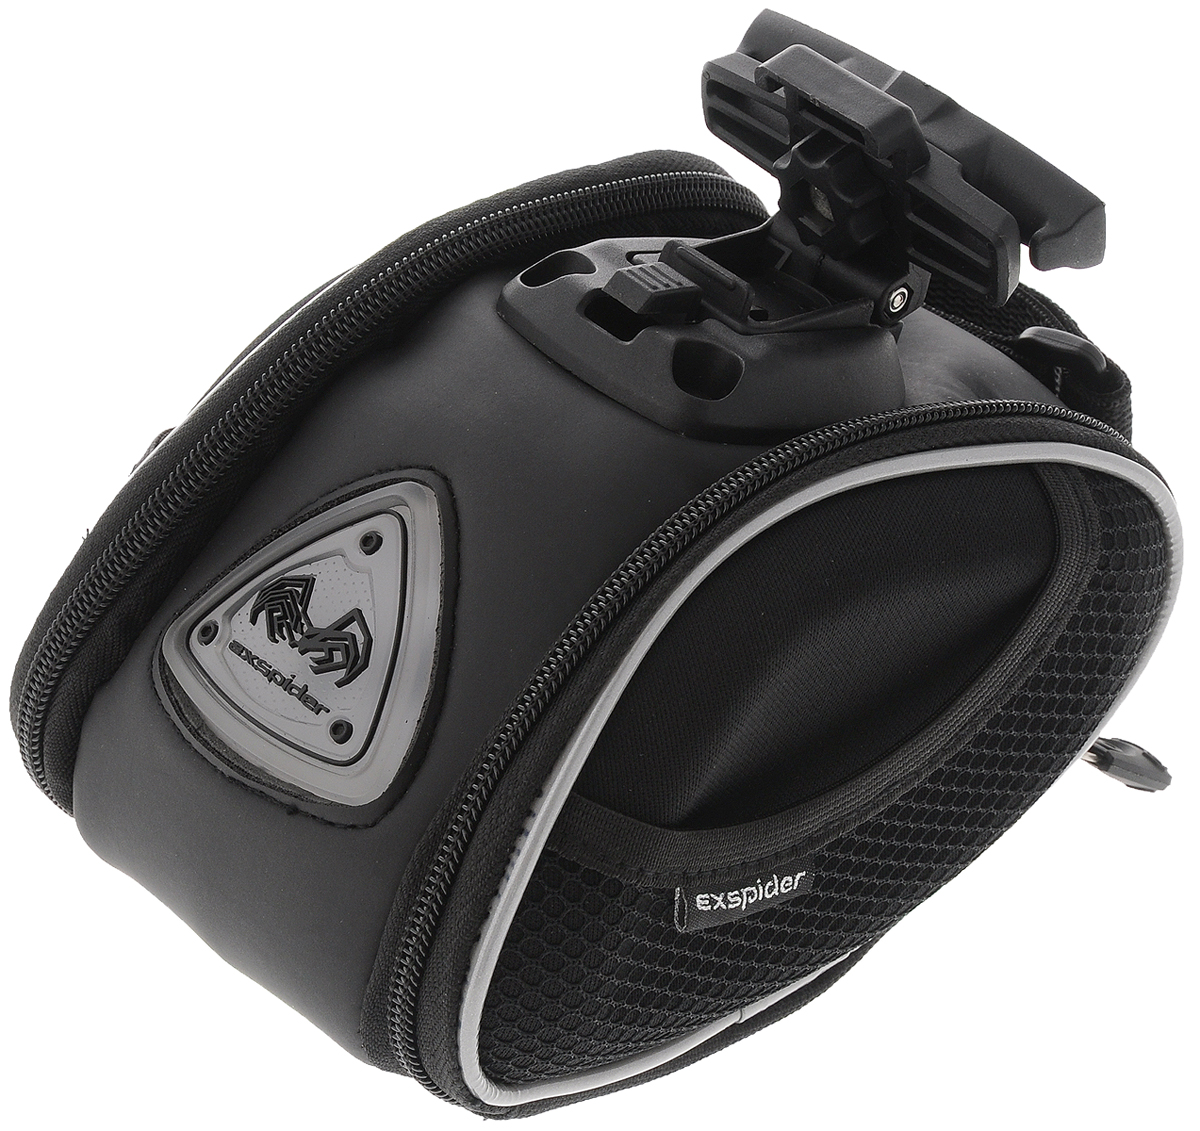 Подседельная сумка EXspider, с подсветкойSСJ-2201Подседельная сумка EXspider, изготовленная из плотного полиэстера, специально разработана для крепления под седло велосипеда. Сумка оснащена вставками из прочного ударопоглощающего материала EVA (вспененный каучук) для большей надежности. Светоотражающие детали обеспечивают безопасность в темное время суток. Изделие имеет вместительный отсек на молнии для хранения небольших инструментов, личных вещей, легкого дождевика. Сбоку также имеется дополнительный карман на молнии и два сетчатых кармана на резинке. Быстросъемная пластиковая пряжка может быть закреплена под разными углами, чтобы сохранить горизонтальное положение сумки. Светящийся светодиодный логотип делает сумку оригинальной и стильной. Необходимо докупить 2 батарейки типа ААА (в комплект не входят).